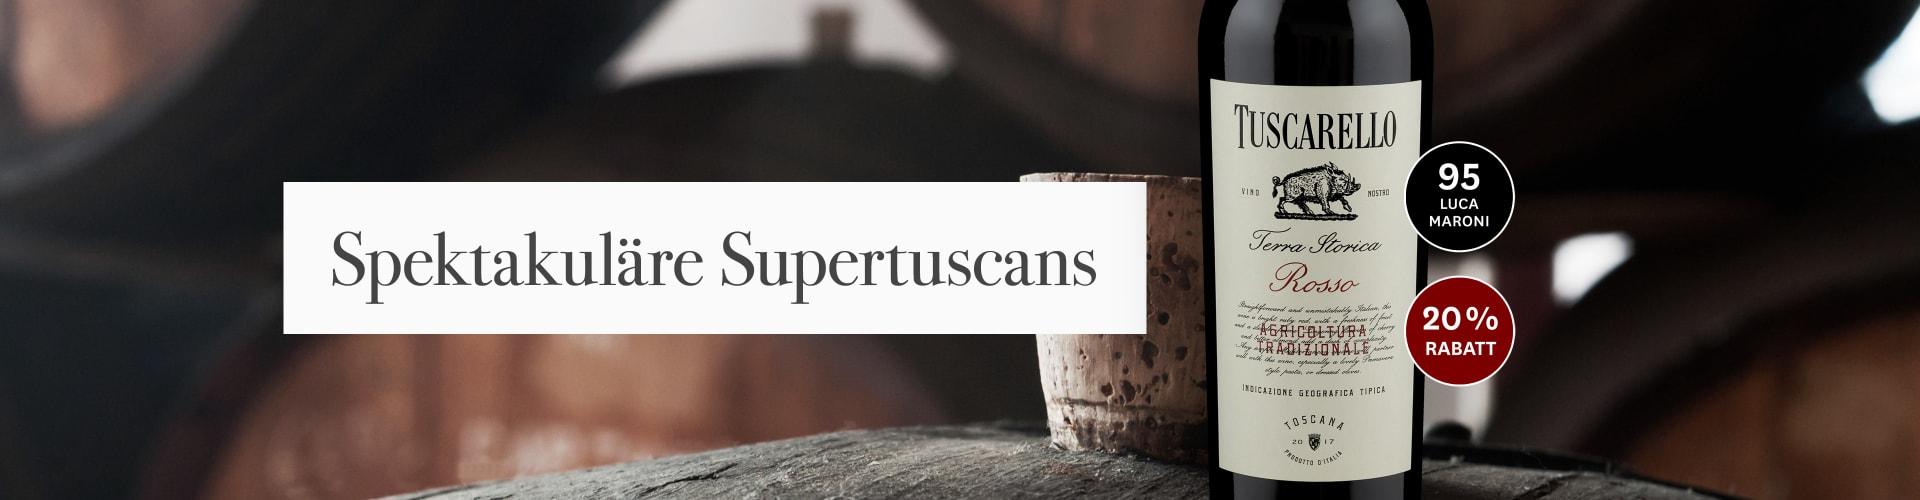 Unser aktueller Supertuscan vor einem Holzfass